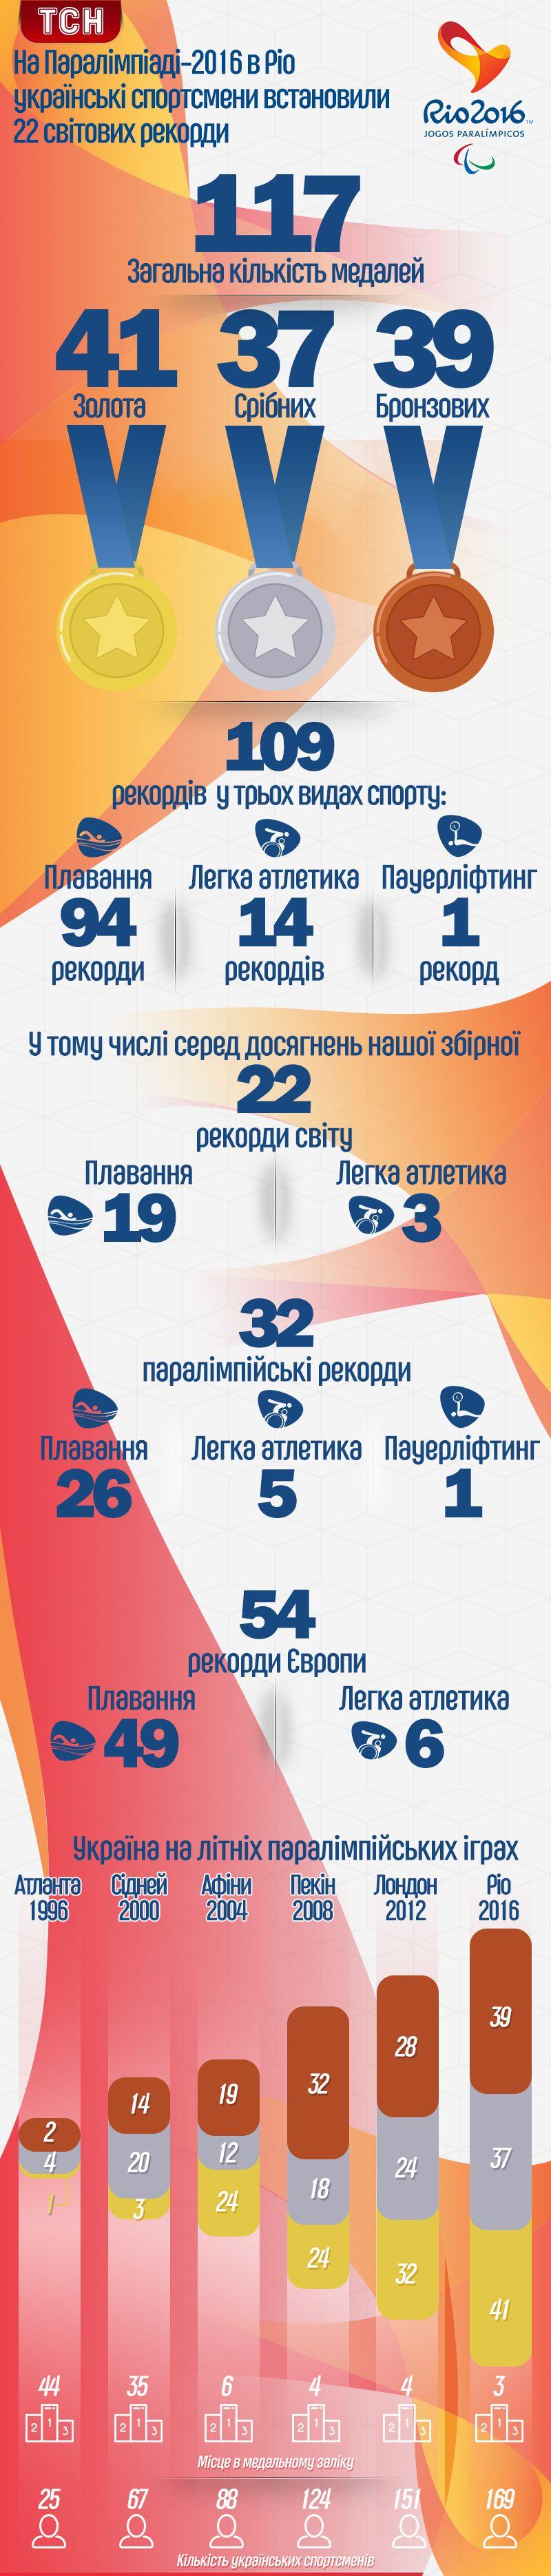 Рекорди українців на Паралімпійських іграх